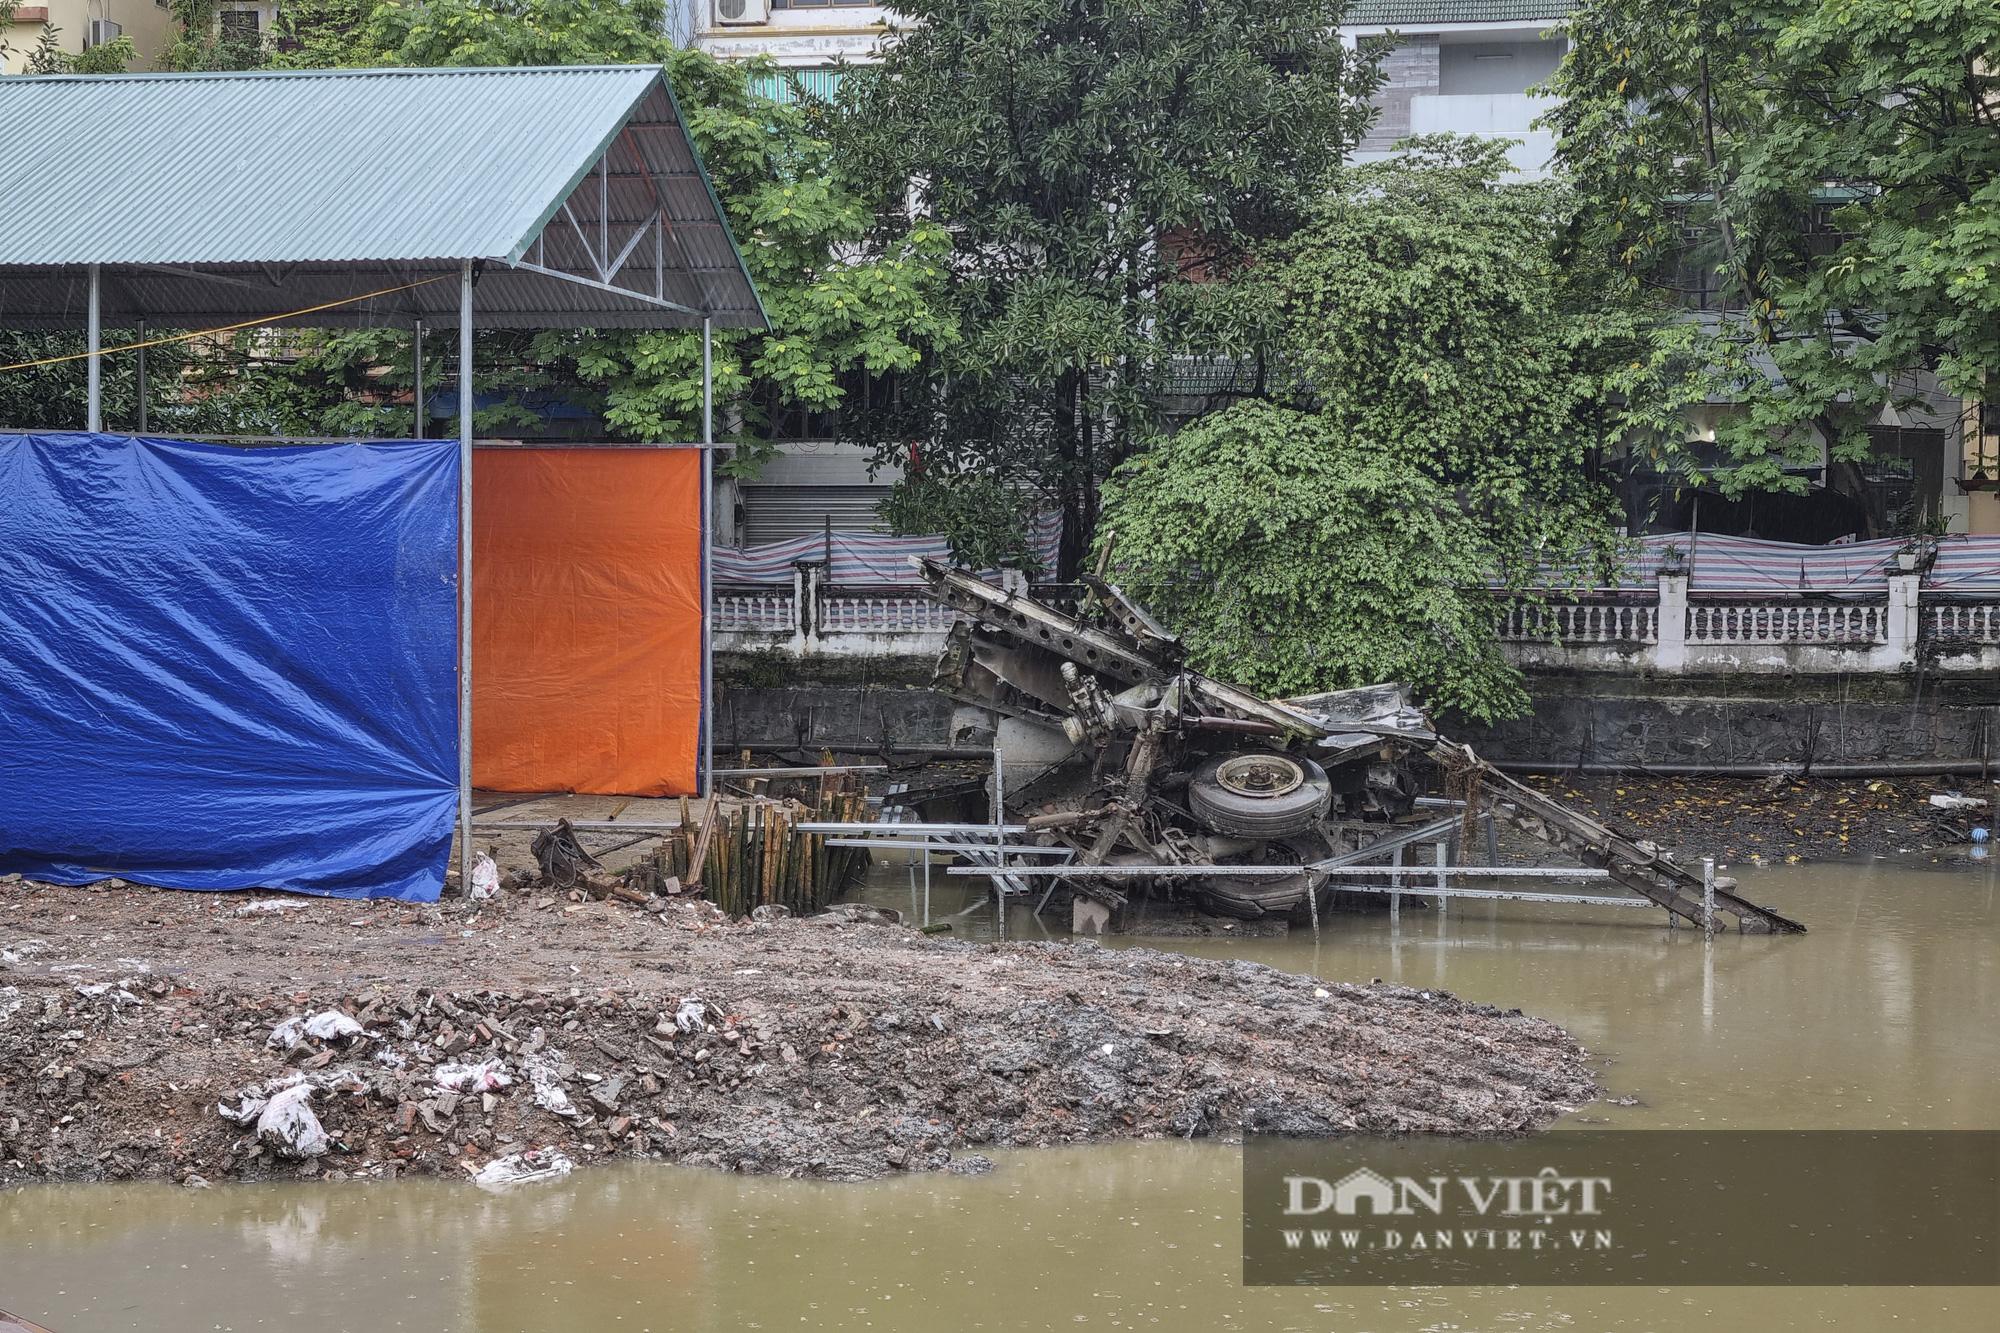 Hồ Hữu Tiệp, nơi xác máy bay B52 bị bắn rơi tại Hà Nội được tu bổ, tôn tạo - Ảnh 3.